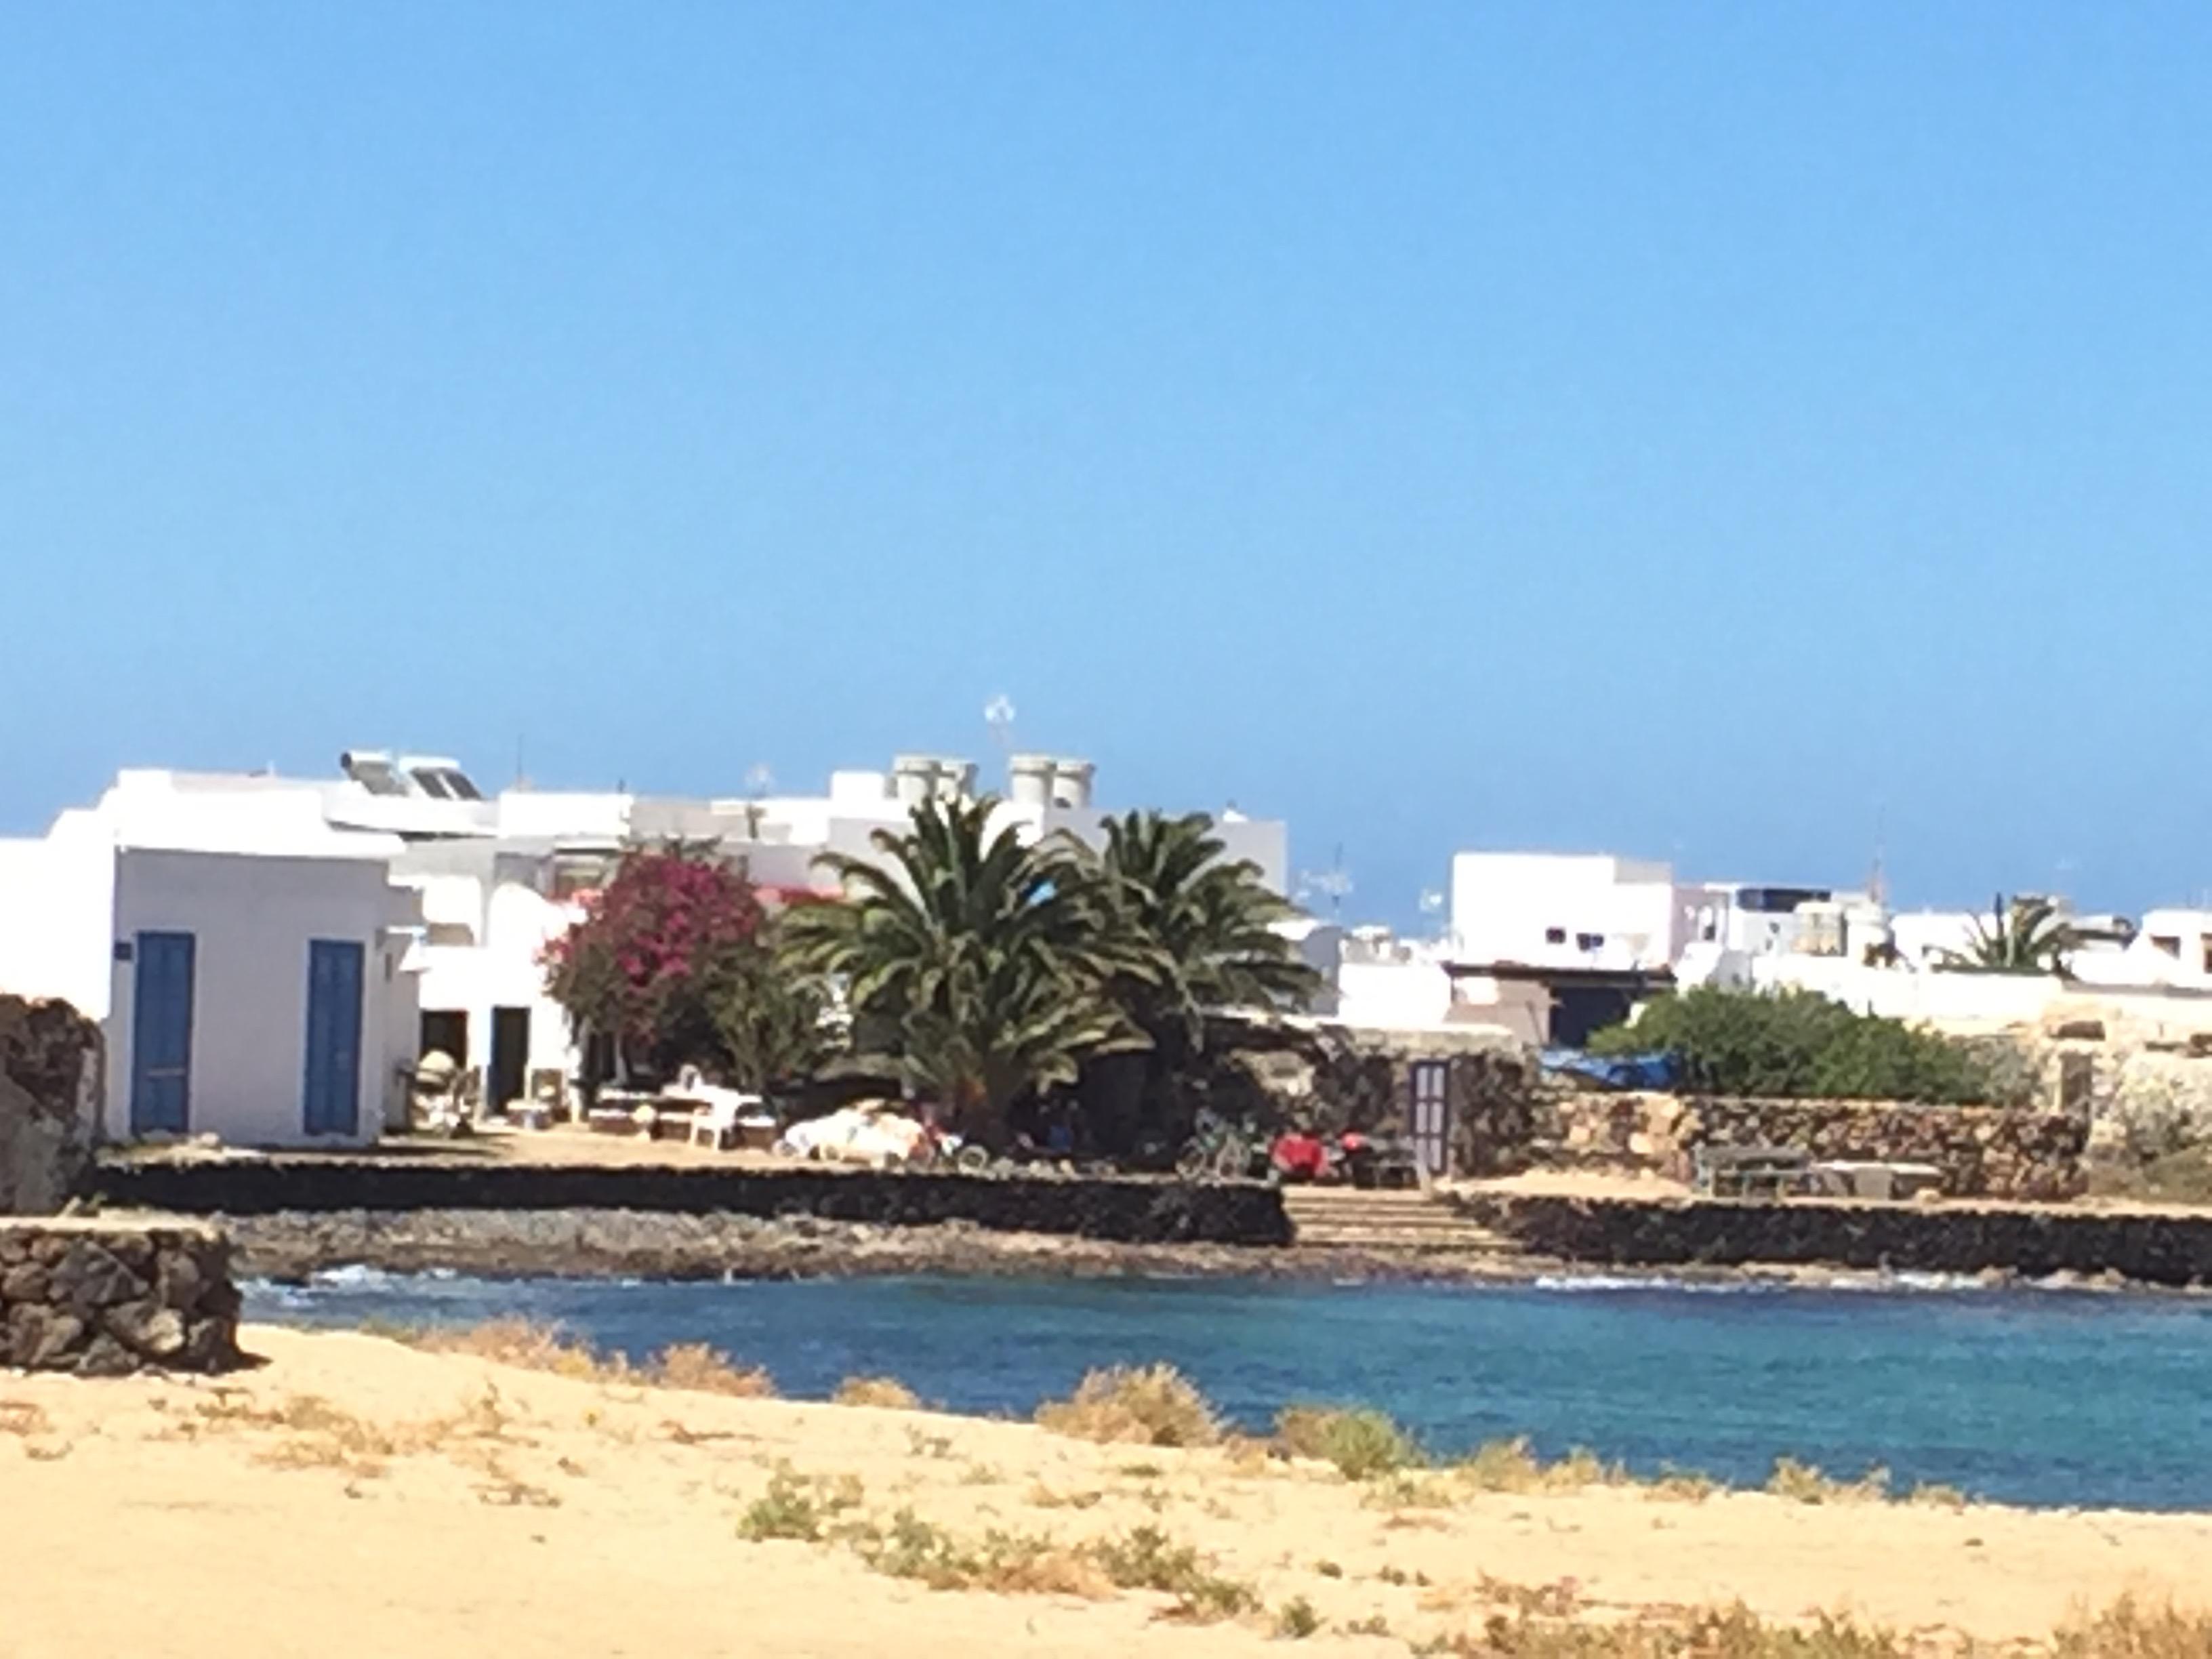 The village in Isla la Graciosa